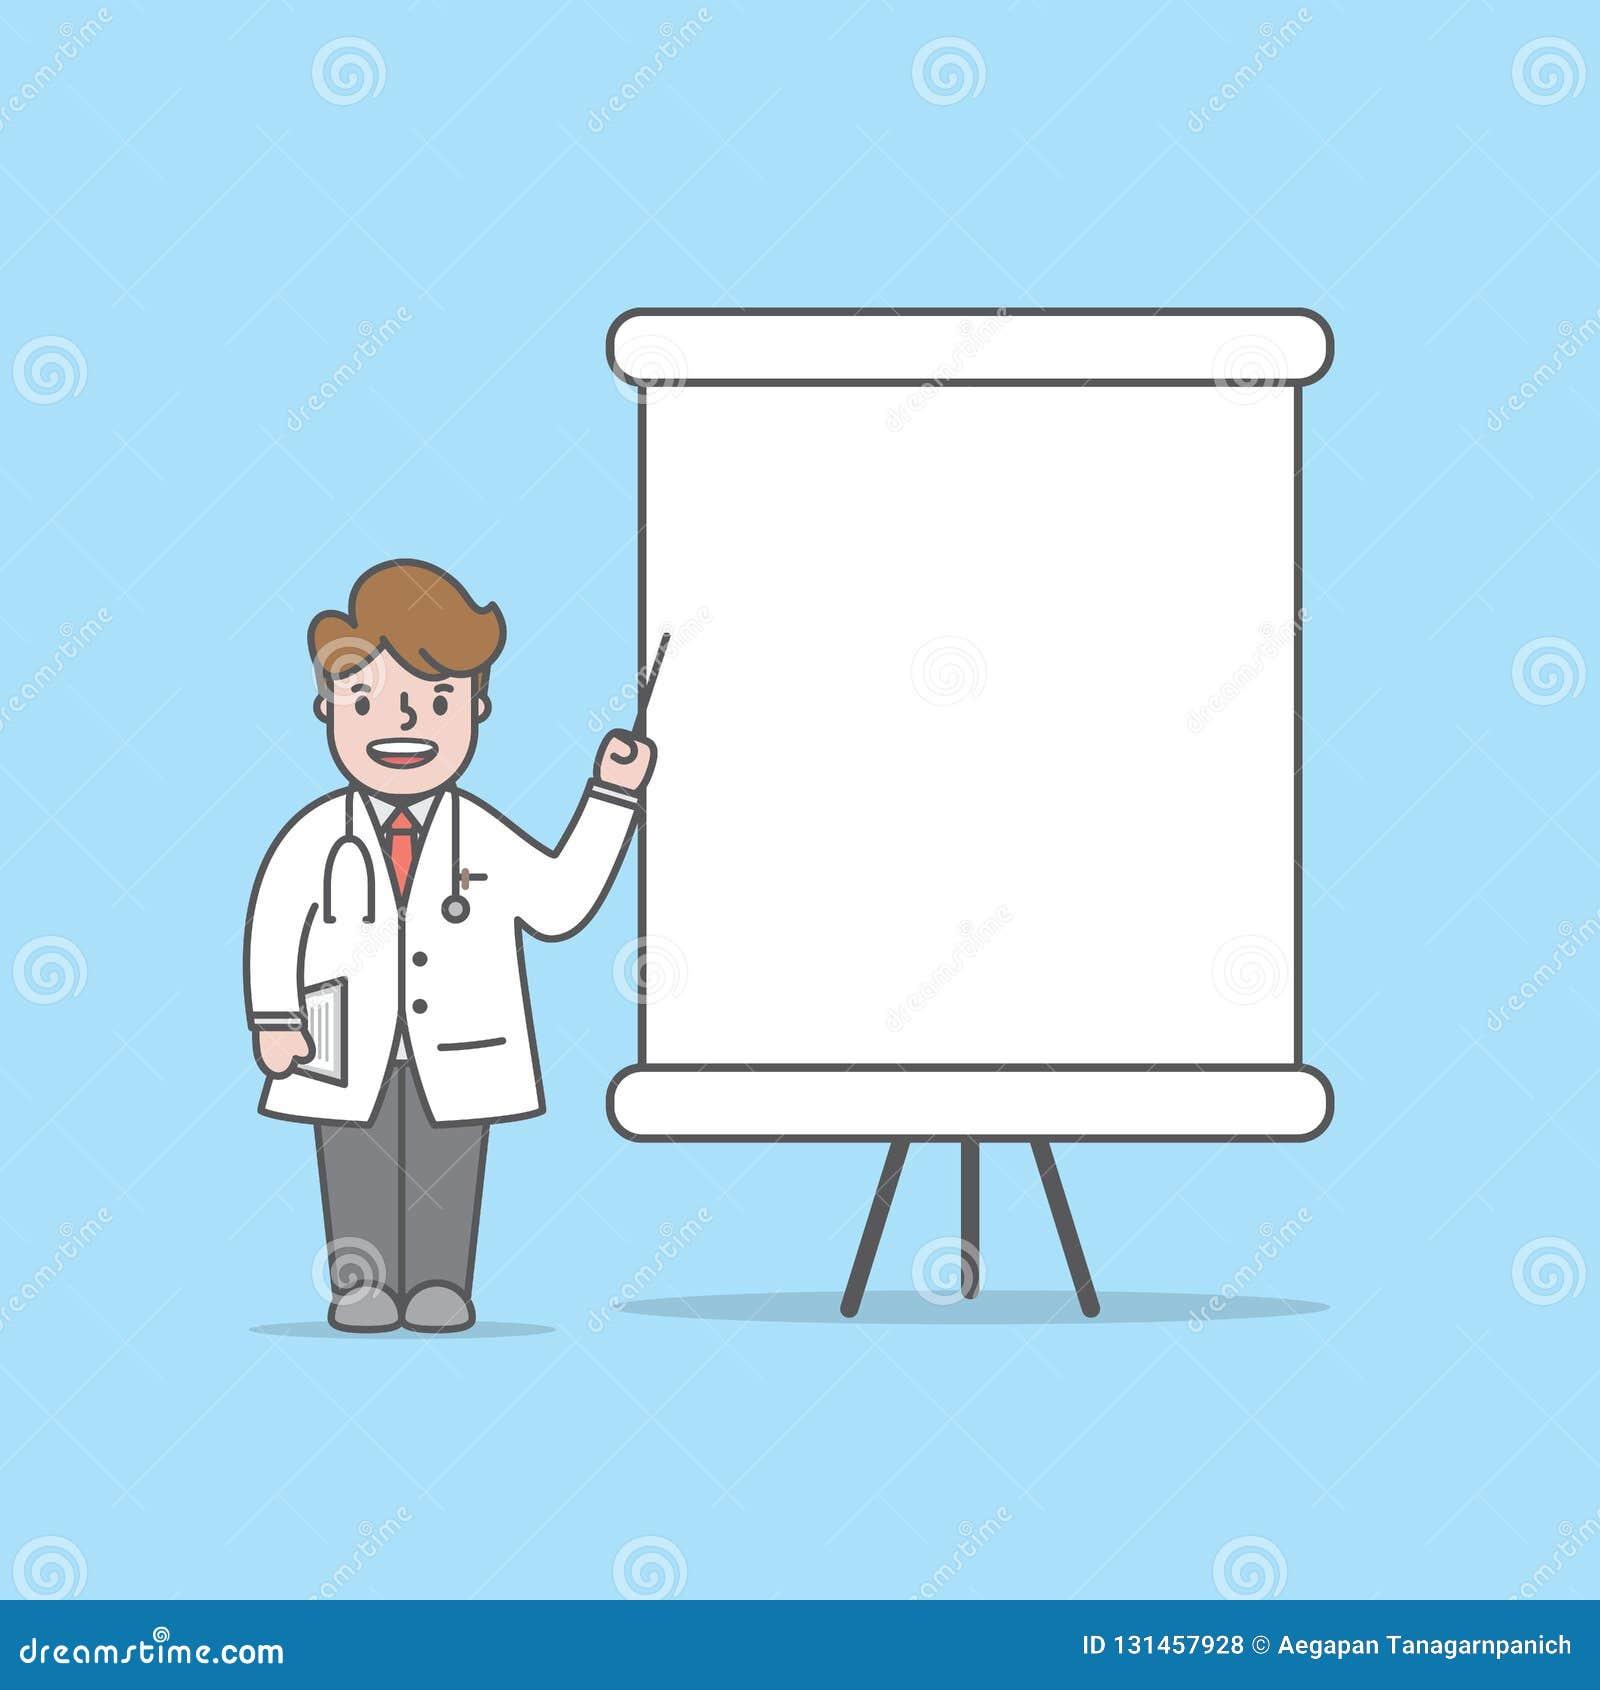 Οι χαρακτήρες γιατρών μιλούν με το διάνυσμα απεικόνισης παραθύρων κειμένου whiteboard στο μπλε υπόβαθρο βουρτσίζοντας διάνυσμα δο